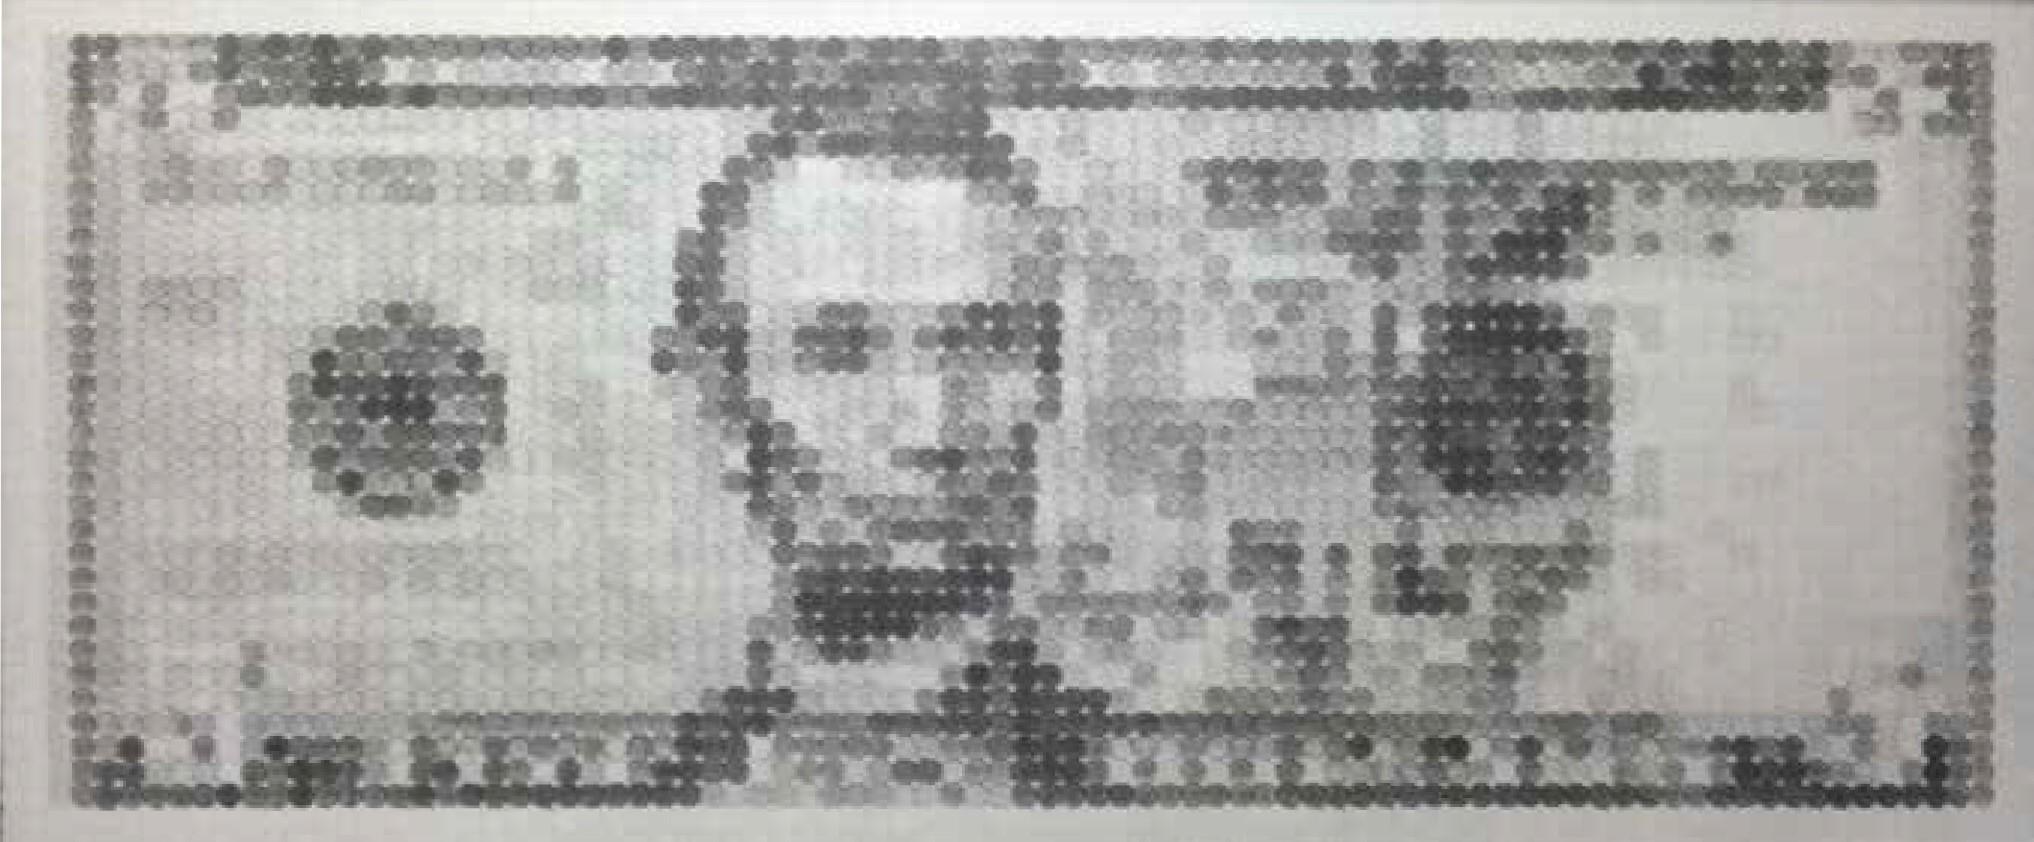 5ドル=3060円 / USD5=JPY3,060